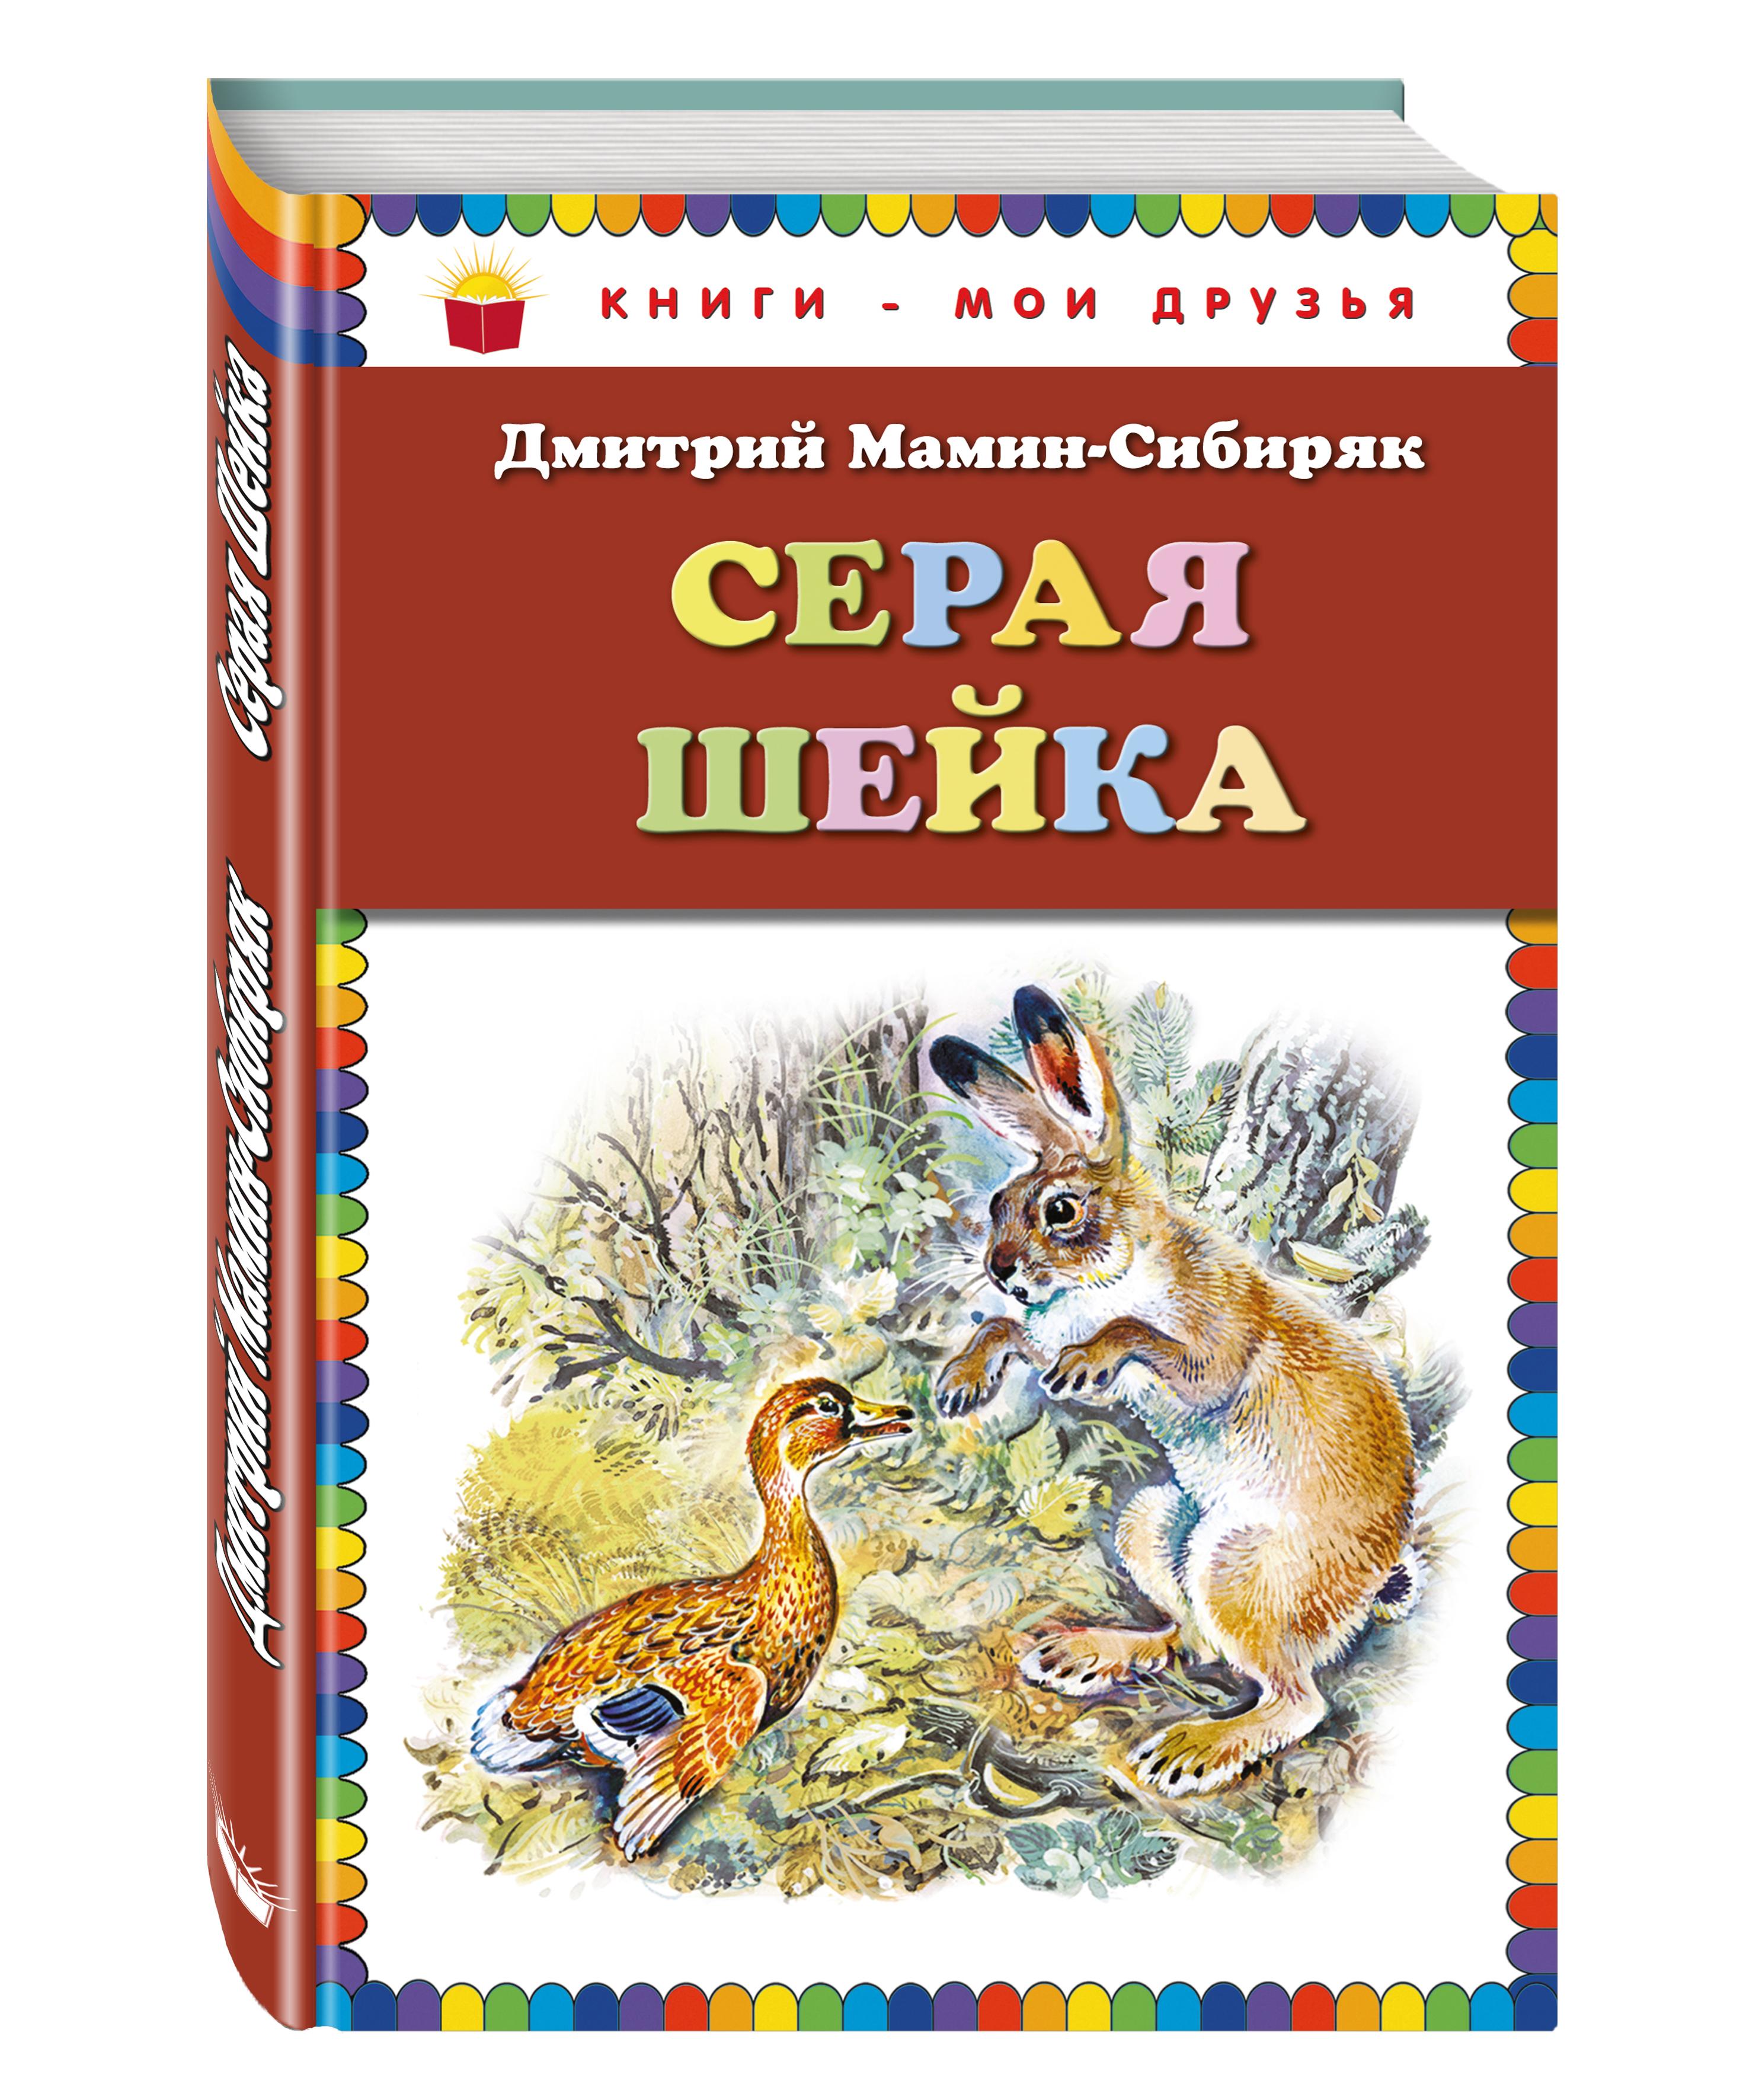 Серая Шейка_